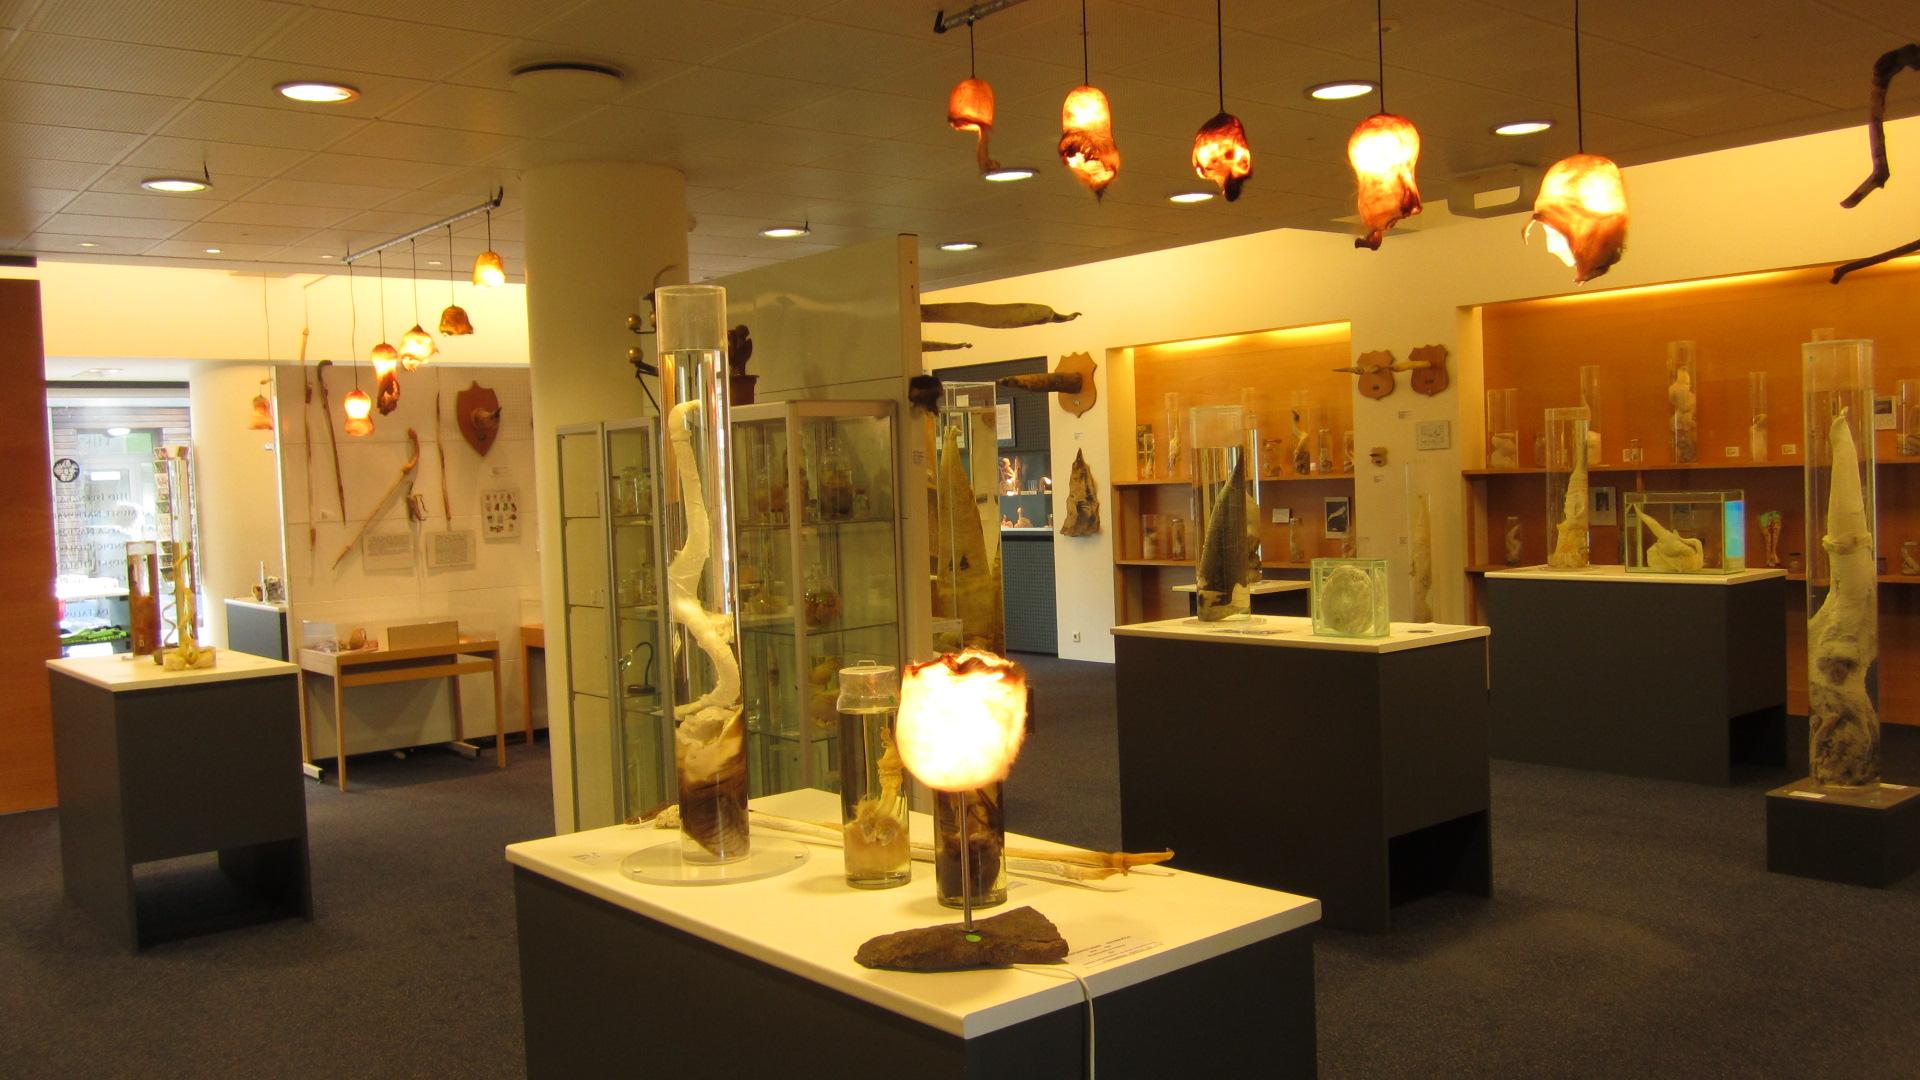 Музей пенисов в китае